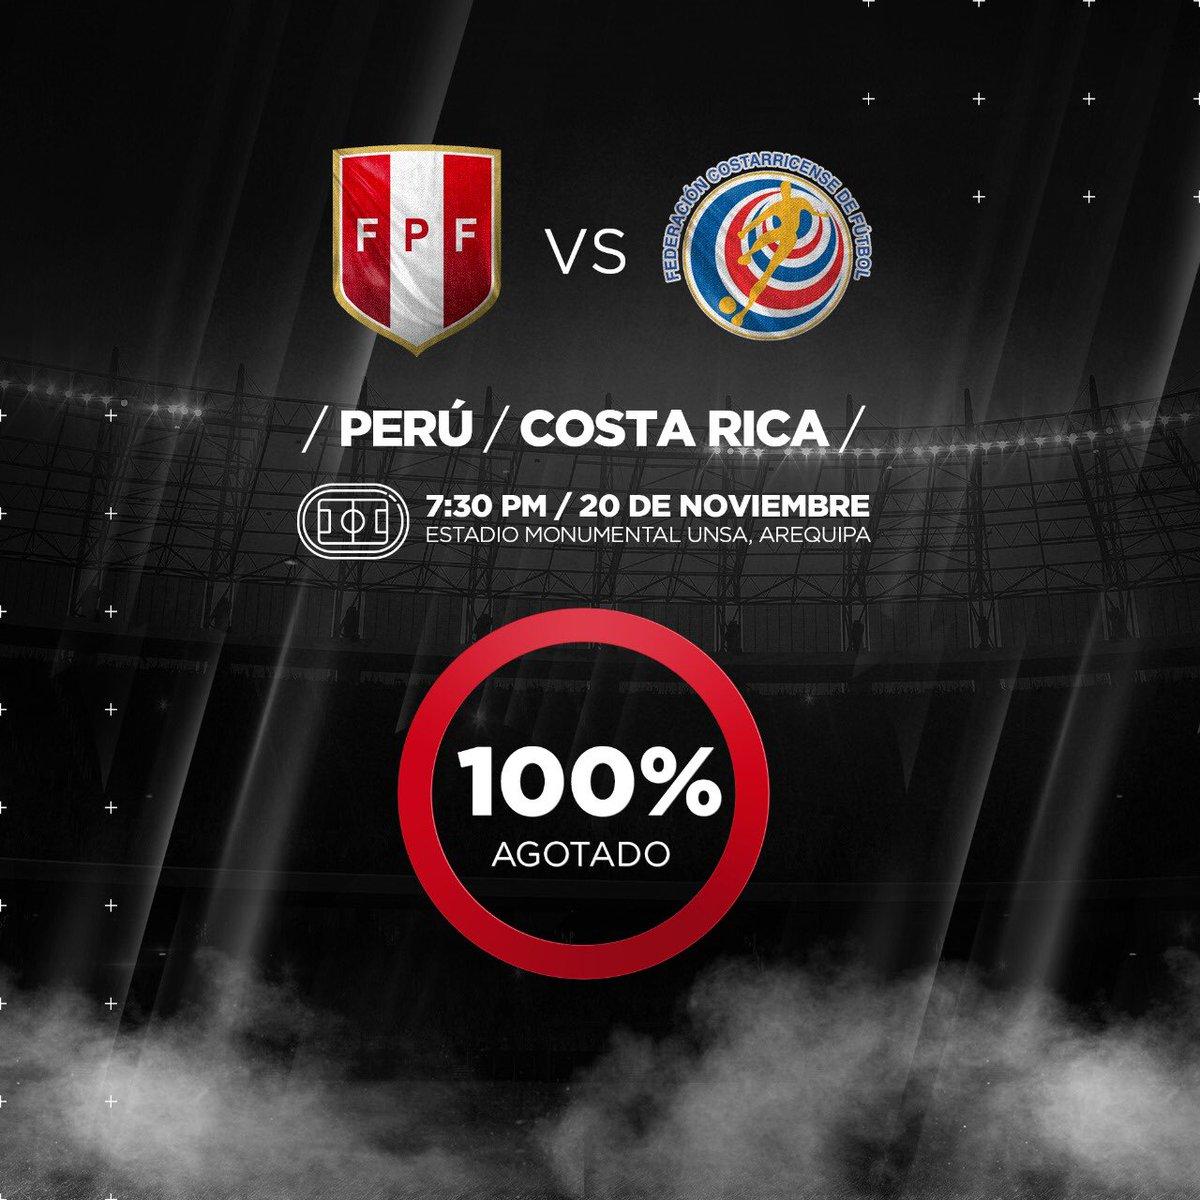 Perú vs. Costa Rica: se jugará en el Monumental de la UNSA de Arequipa a estadio lleno. (Twitter FPF)